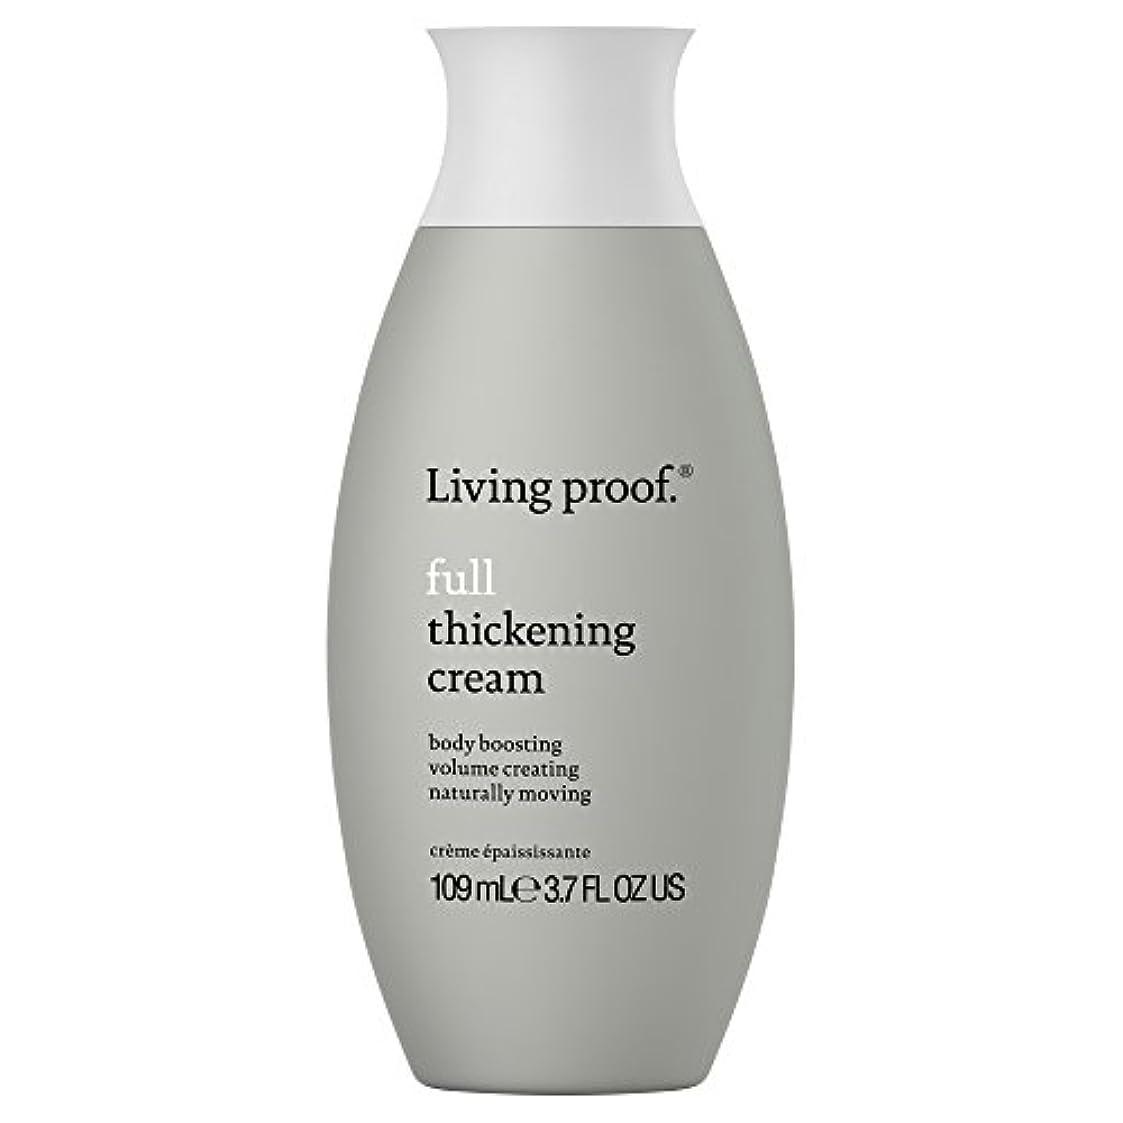 報告書酒半円生きている証拠フル肥厚クリーム109ミリリットル (Living Proof) - Living Proof Full Thickening Cream 109ml [並行輸入品]